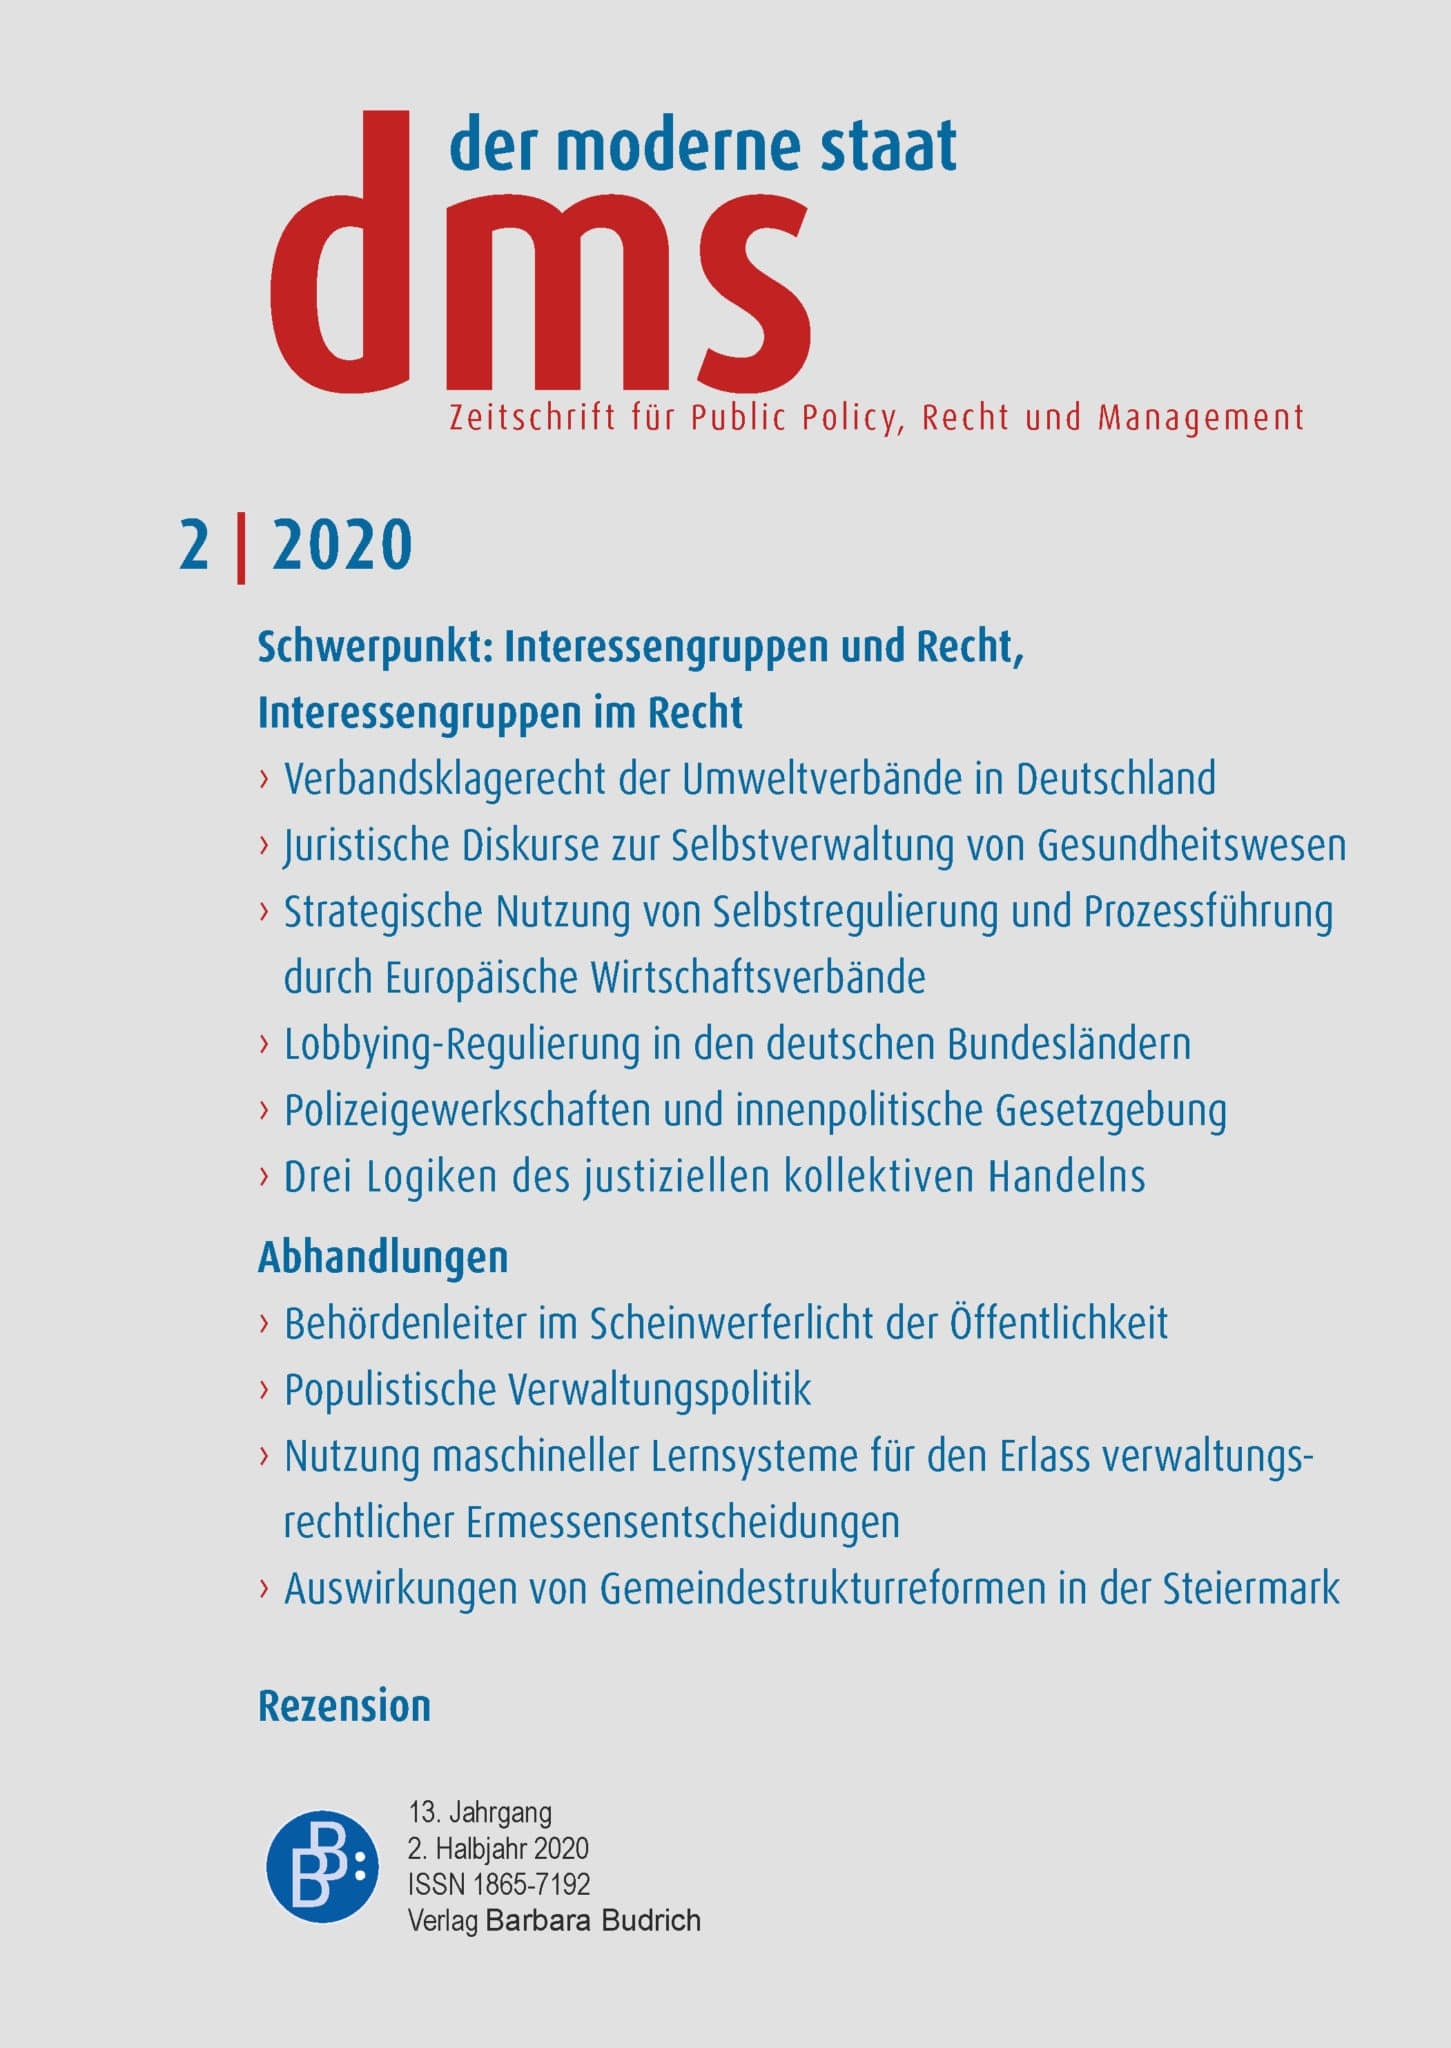 dms – der moderne staat – Zeitschrift für Public Policy, Recht und Management 2-2020: Interessengruppen und Recht, Interessengruppen im Recht